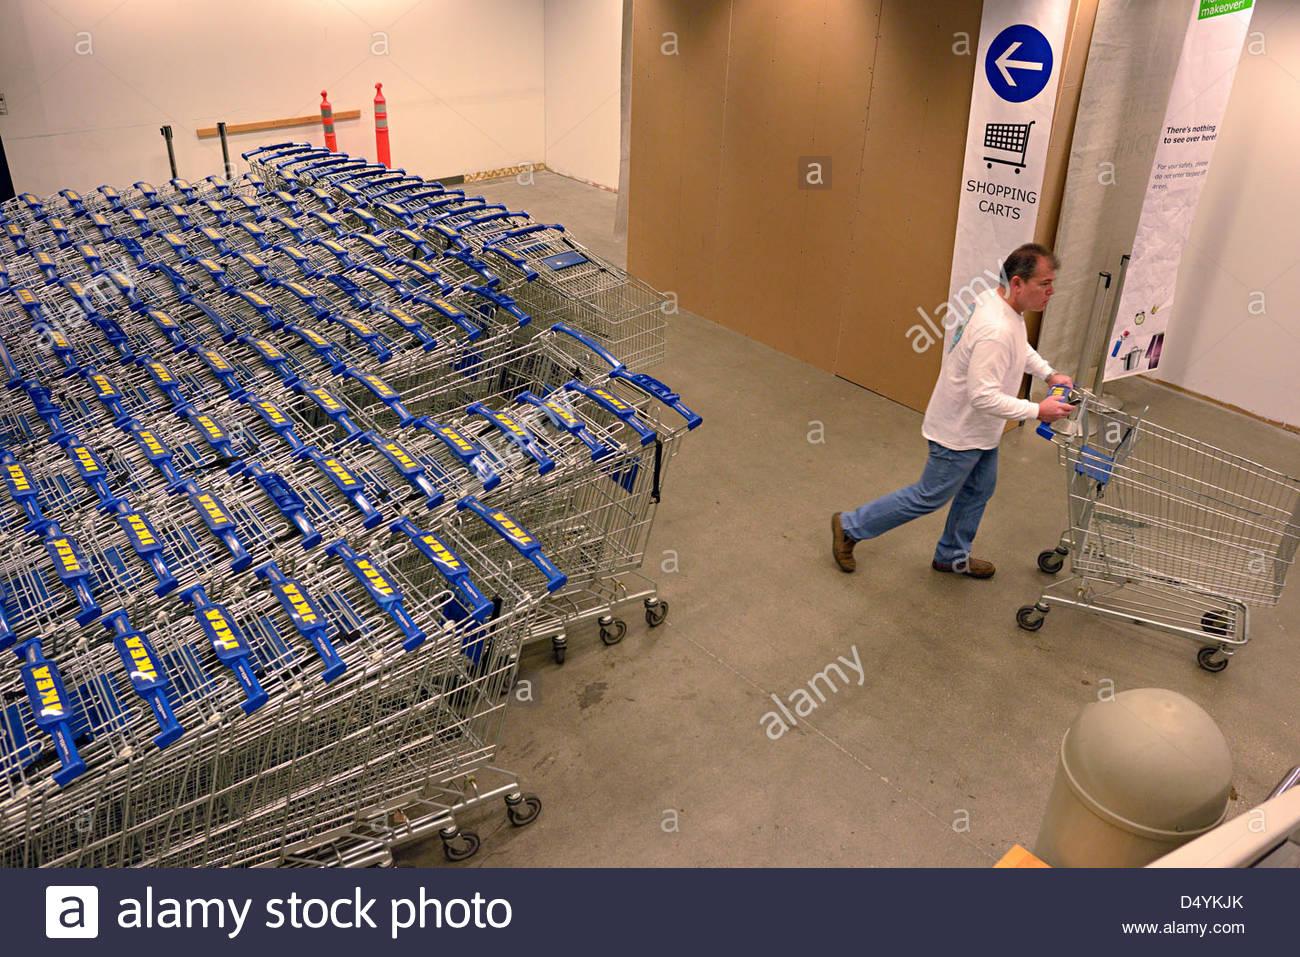 Full Size of Ikea Rollwagen San Francisco Stockfoto Küche Kaufen Kosten Miniküche Betten Bei Modulküche 160x200 Bad Sofa Mit Schlaffunktion Wohnzimmer Ikea Rollwagen